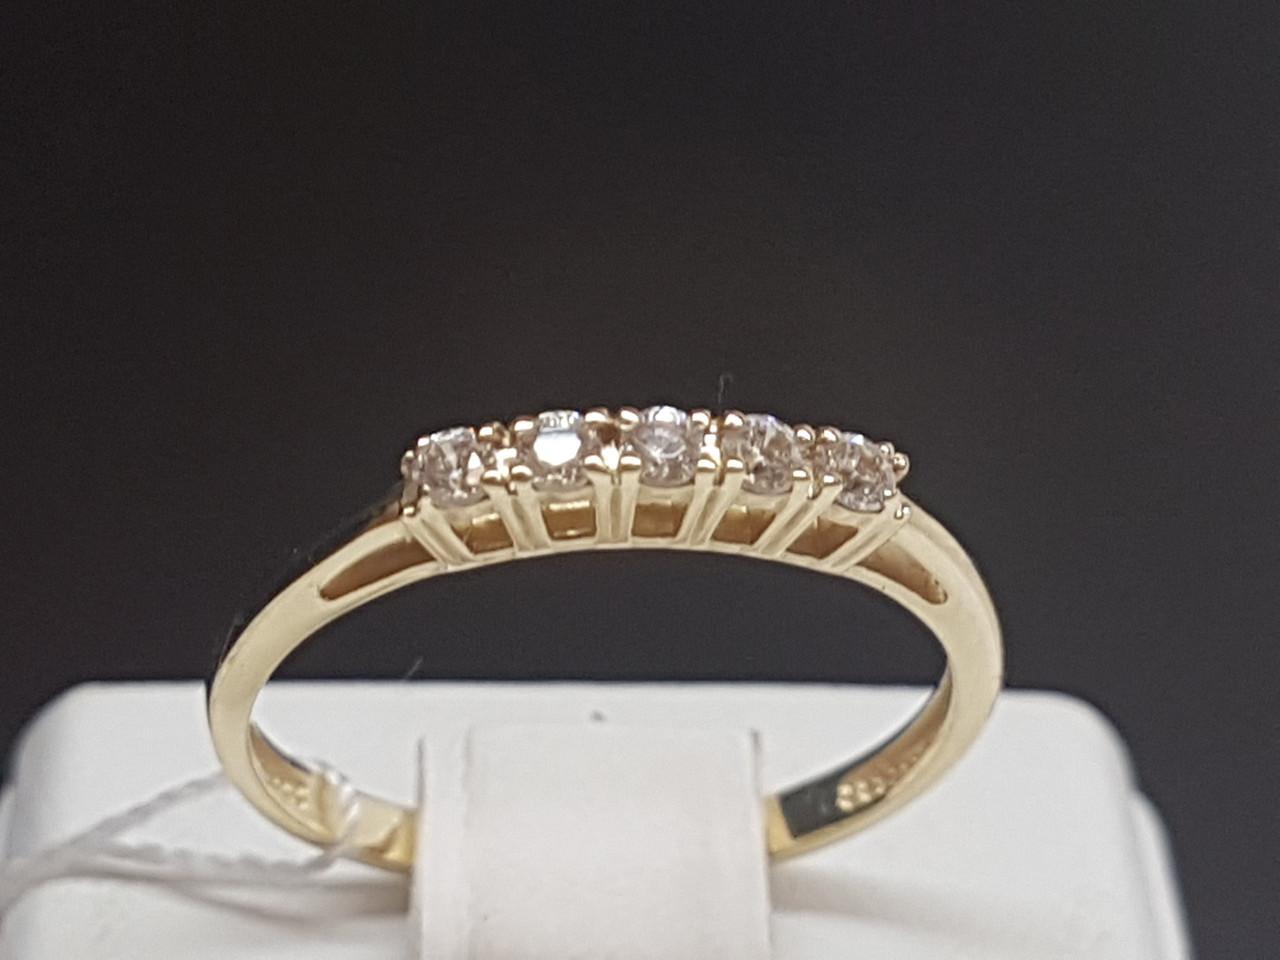 Золотое кольцо с фианитами. Артикул 700069-ЕВРО 17,5